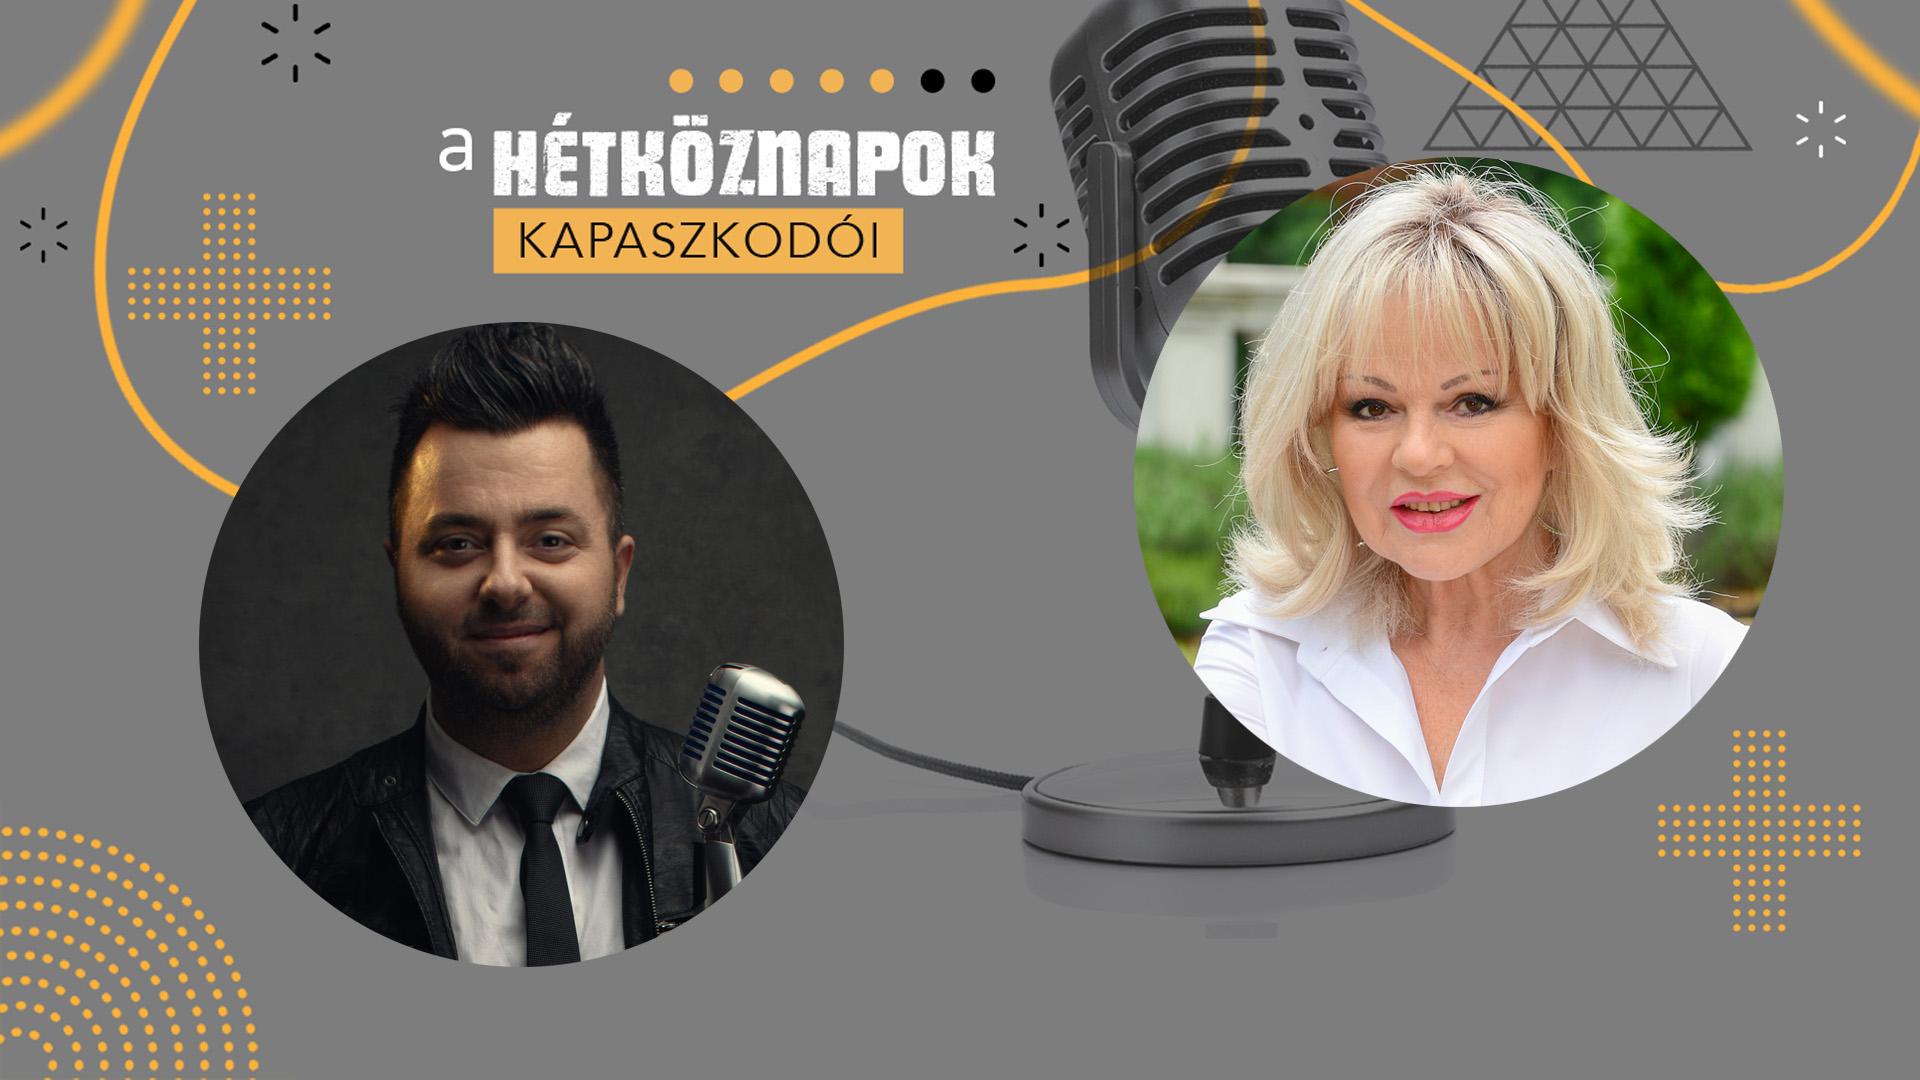 Balázs Klári kinyitotta a lelkét az őt faggató Sándor András kommunikációs szakembernek